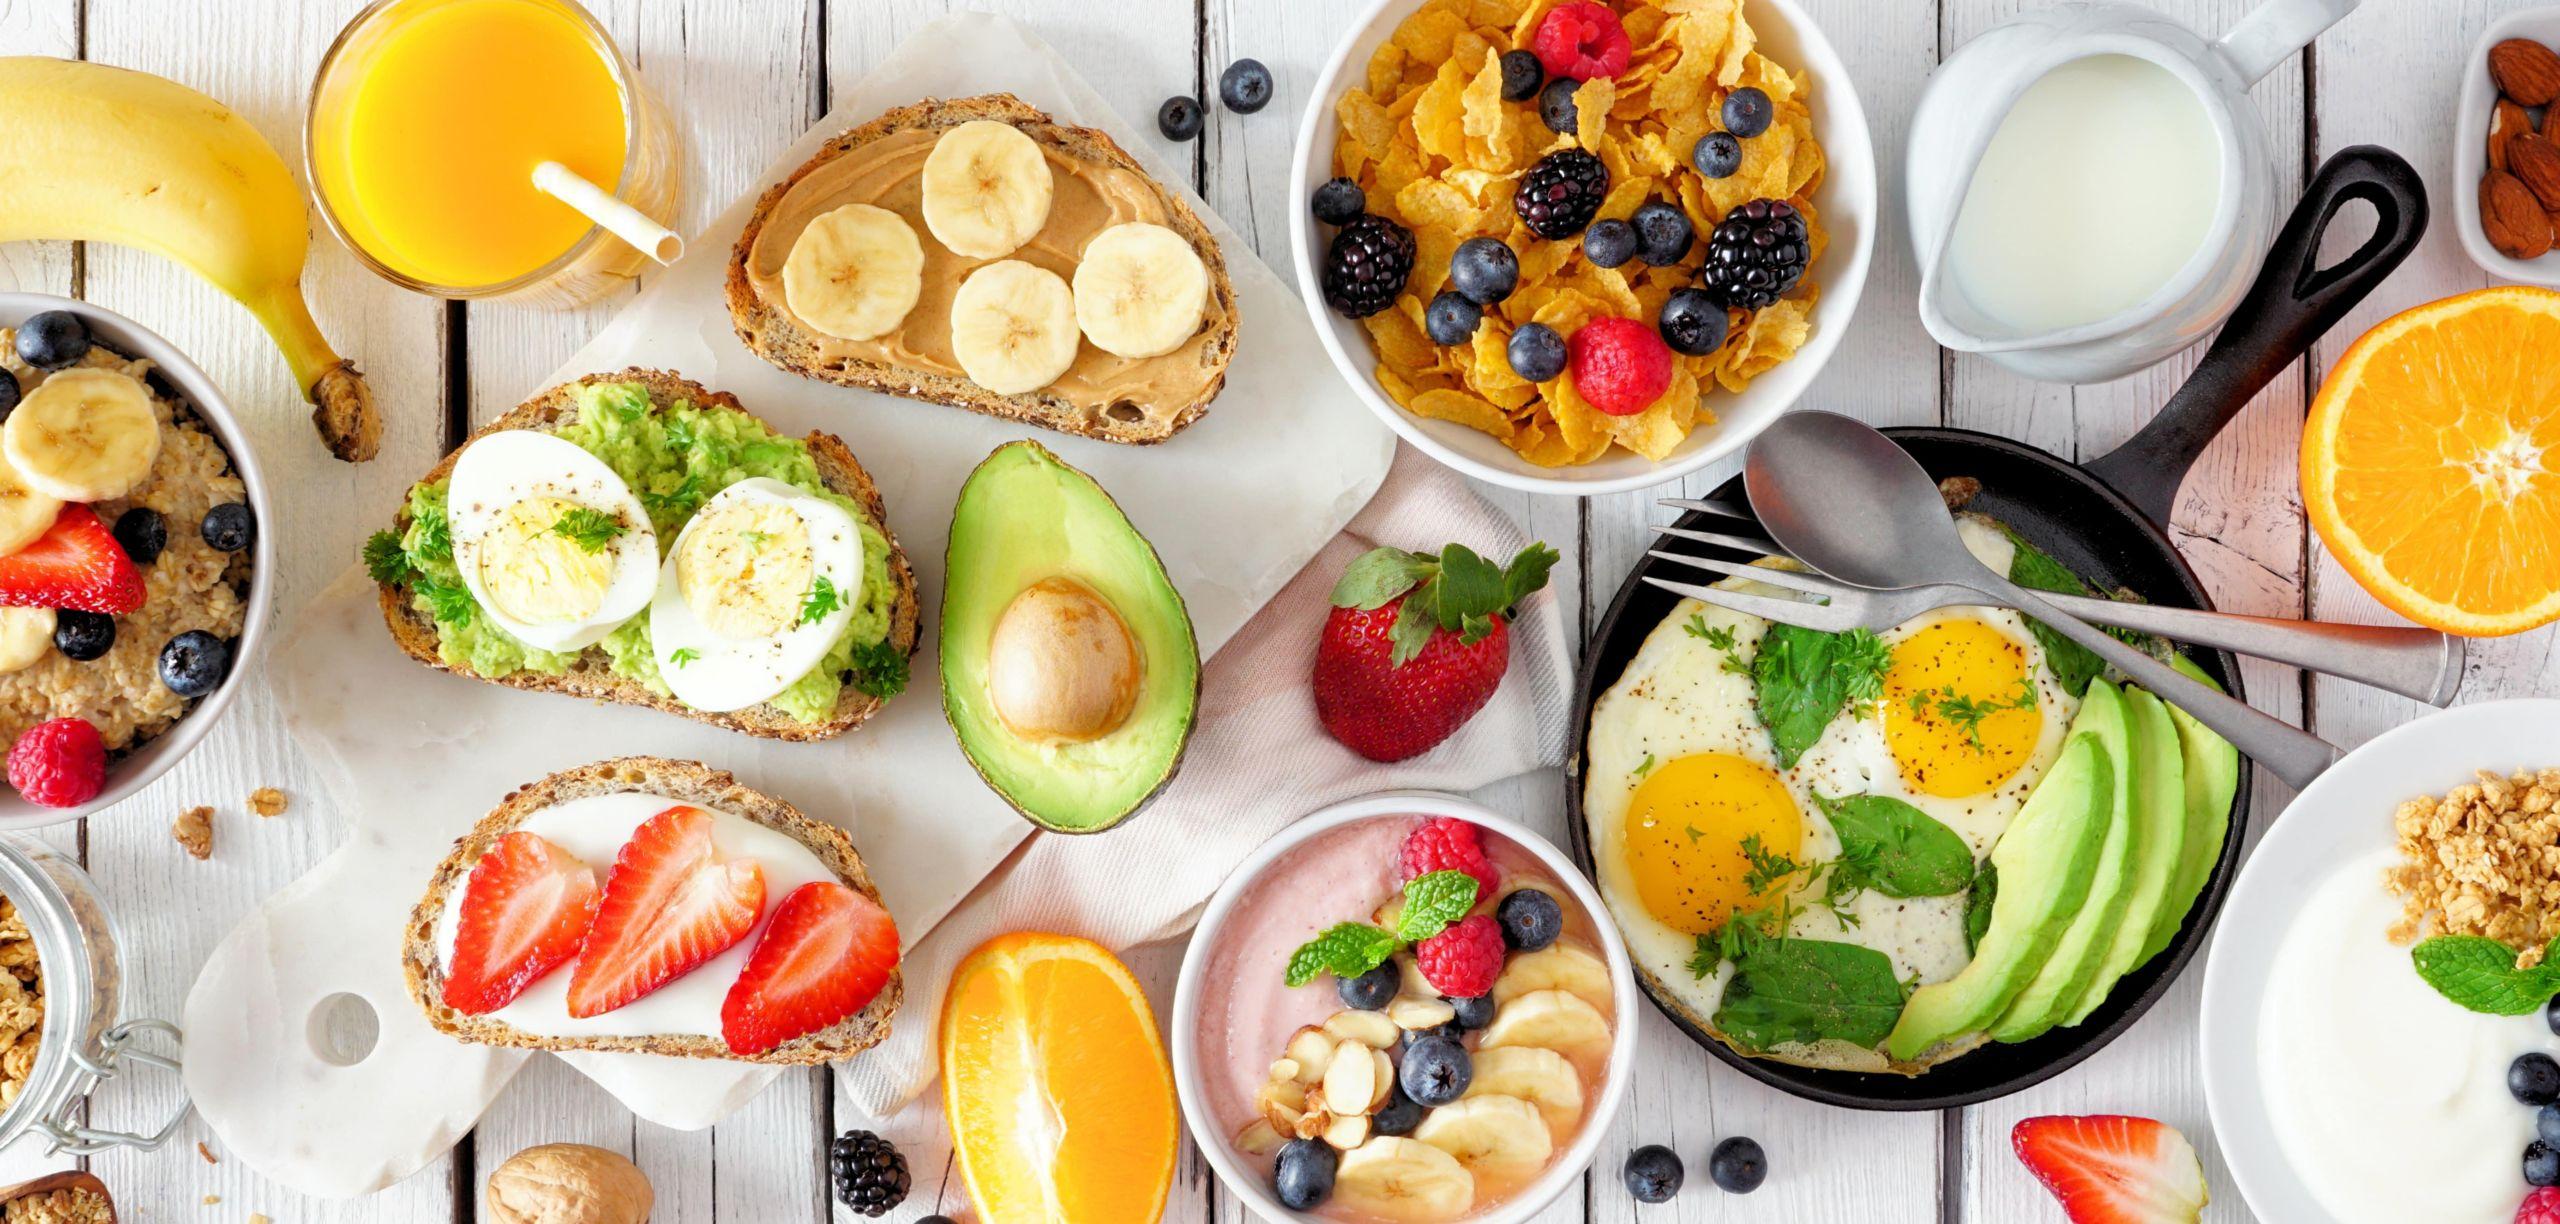 Colazione dietetica abbondamente per perdere peso